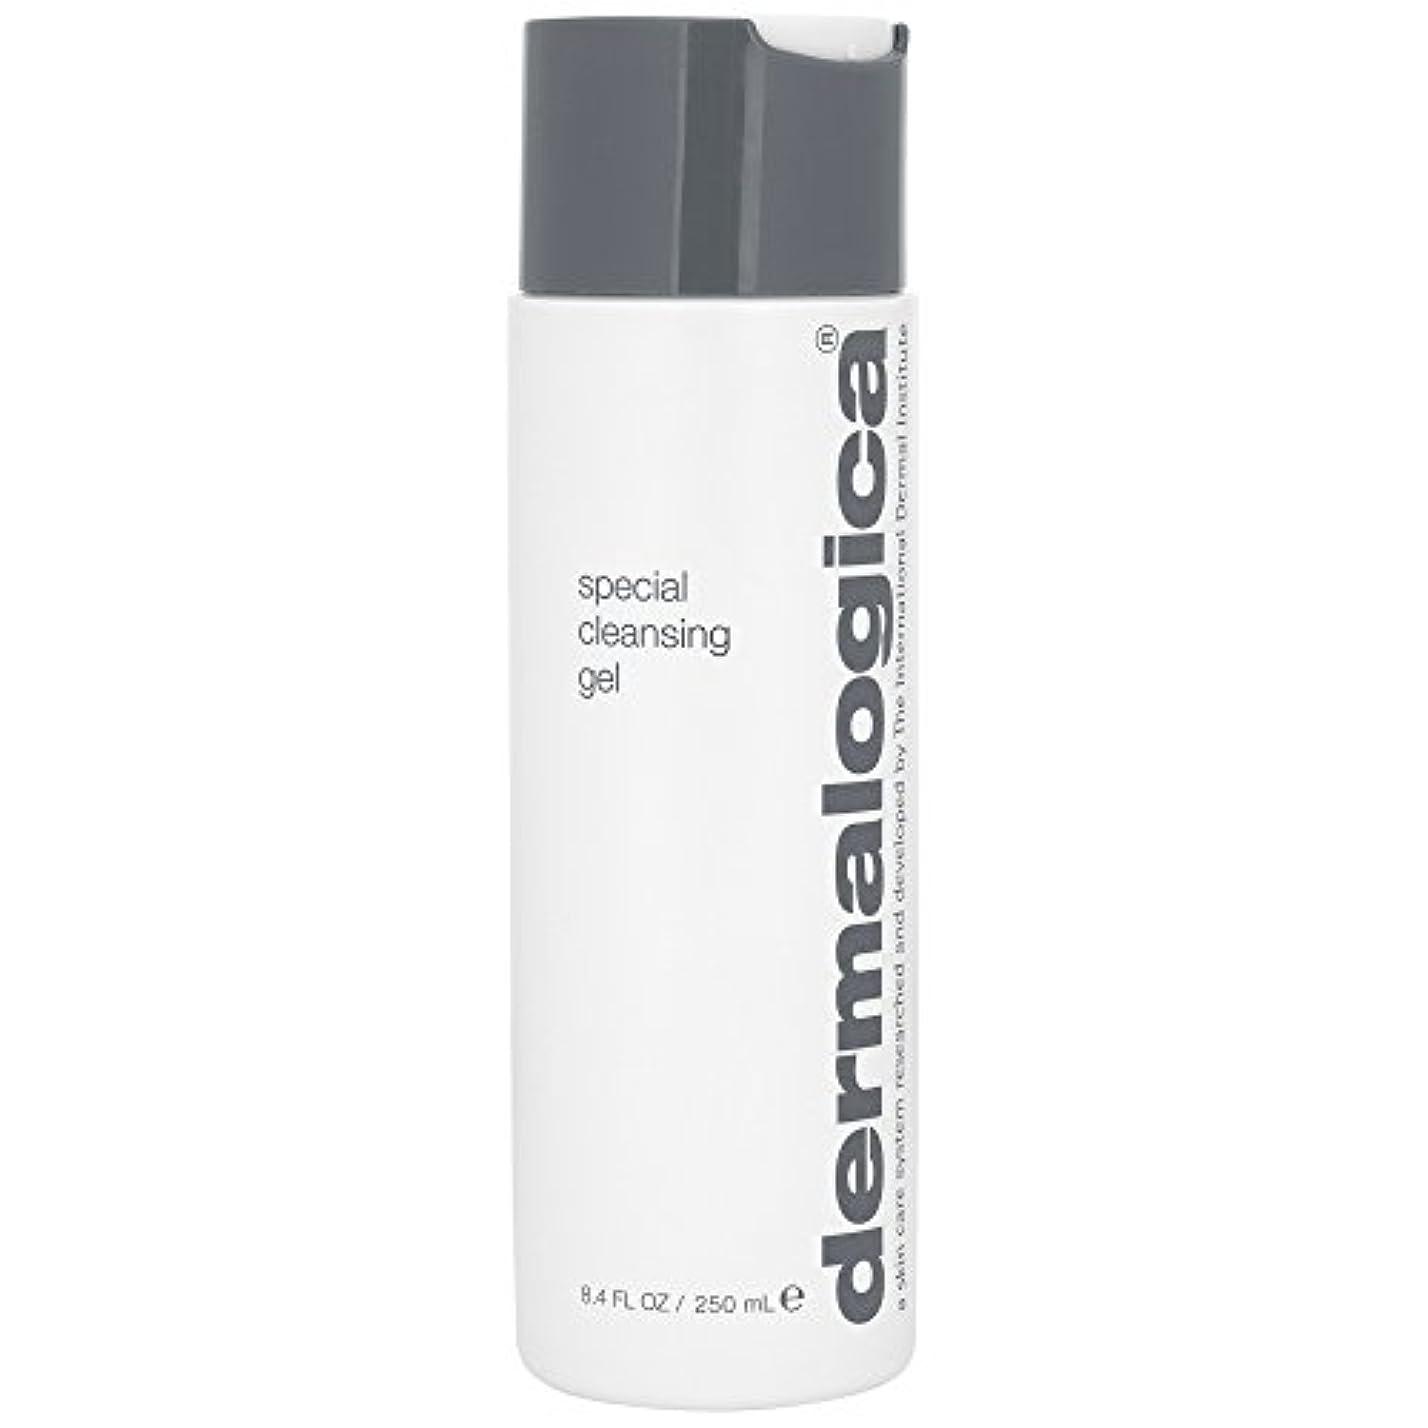 共役クライアントより平らなダーマロジカ特別なクレンジングゲル250ミリリットル (Dermalogica) (x2) - Dermalogica Special Cleansing Gel 250ml (Pack of 2) [並行輸入品]